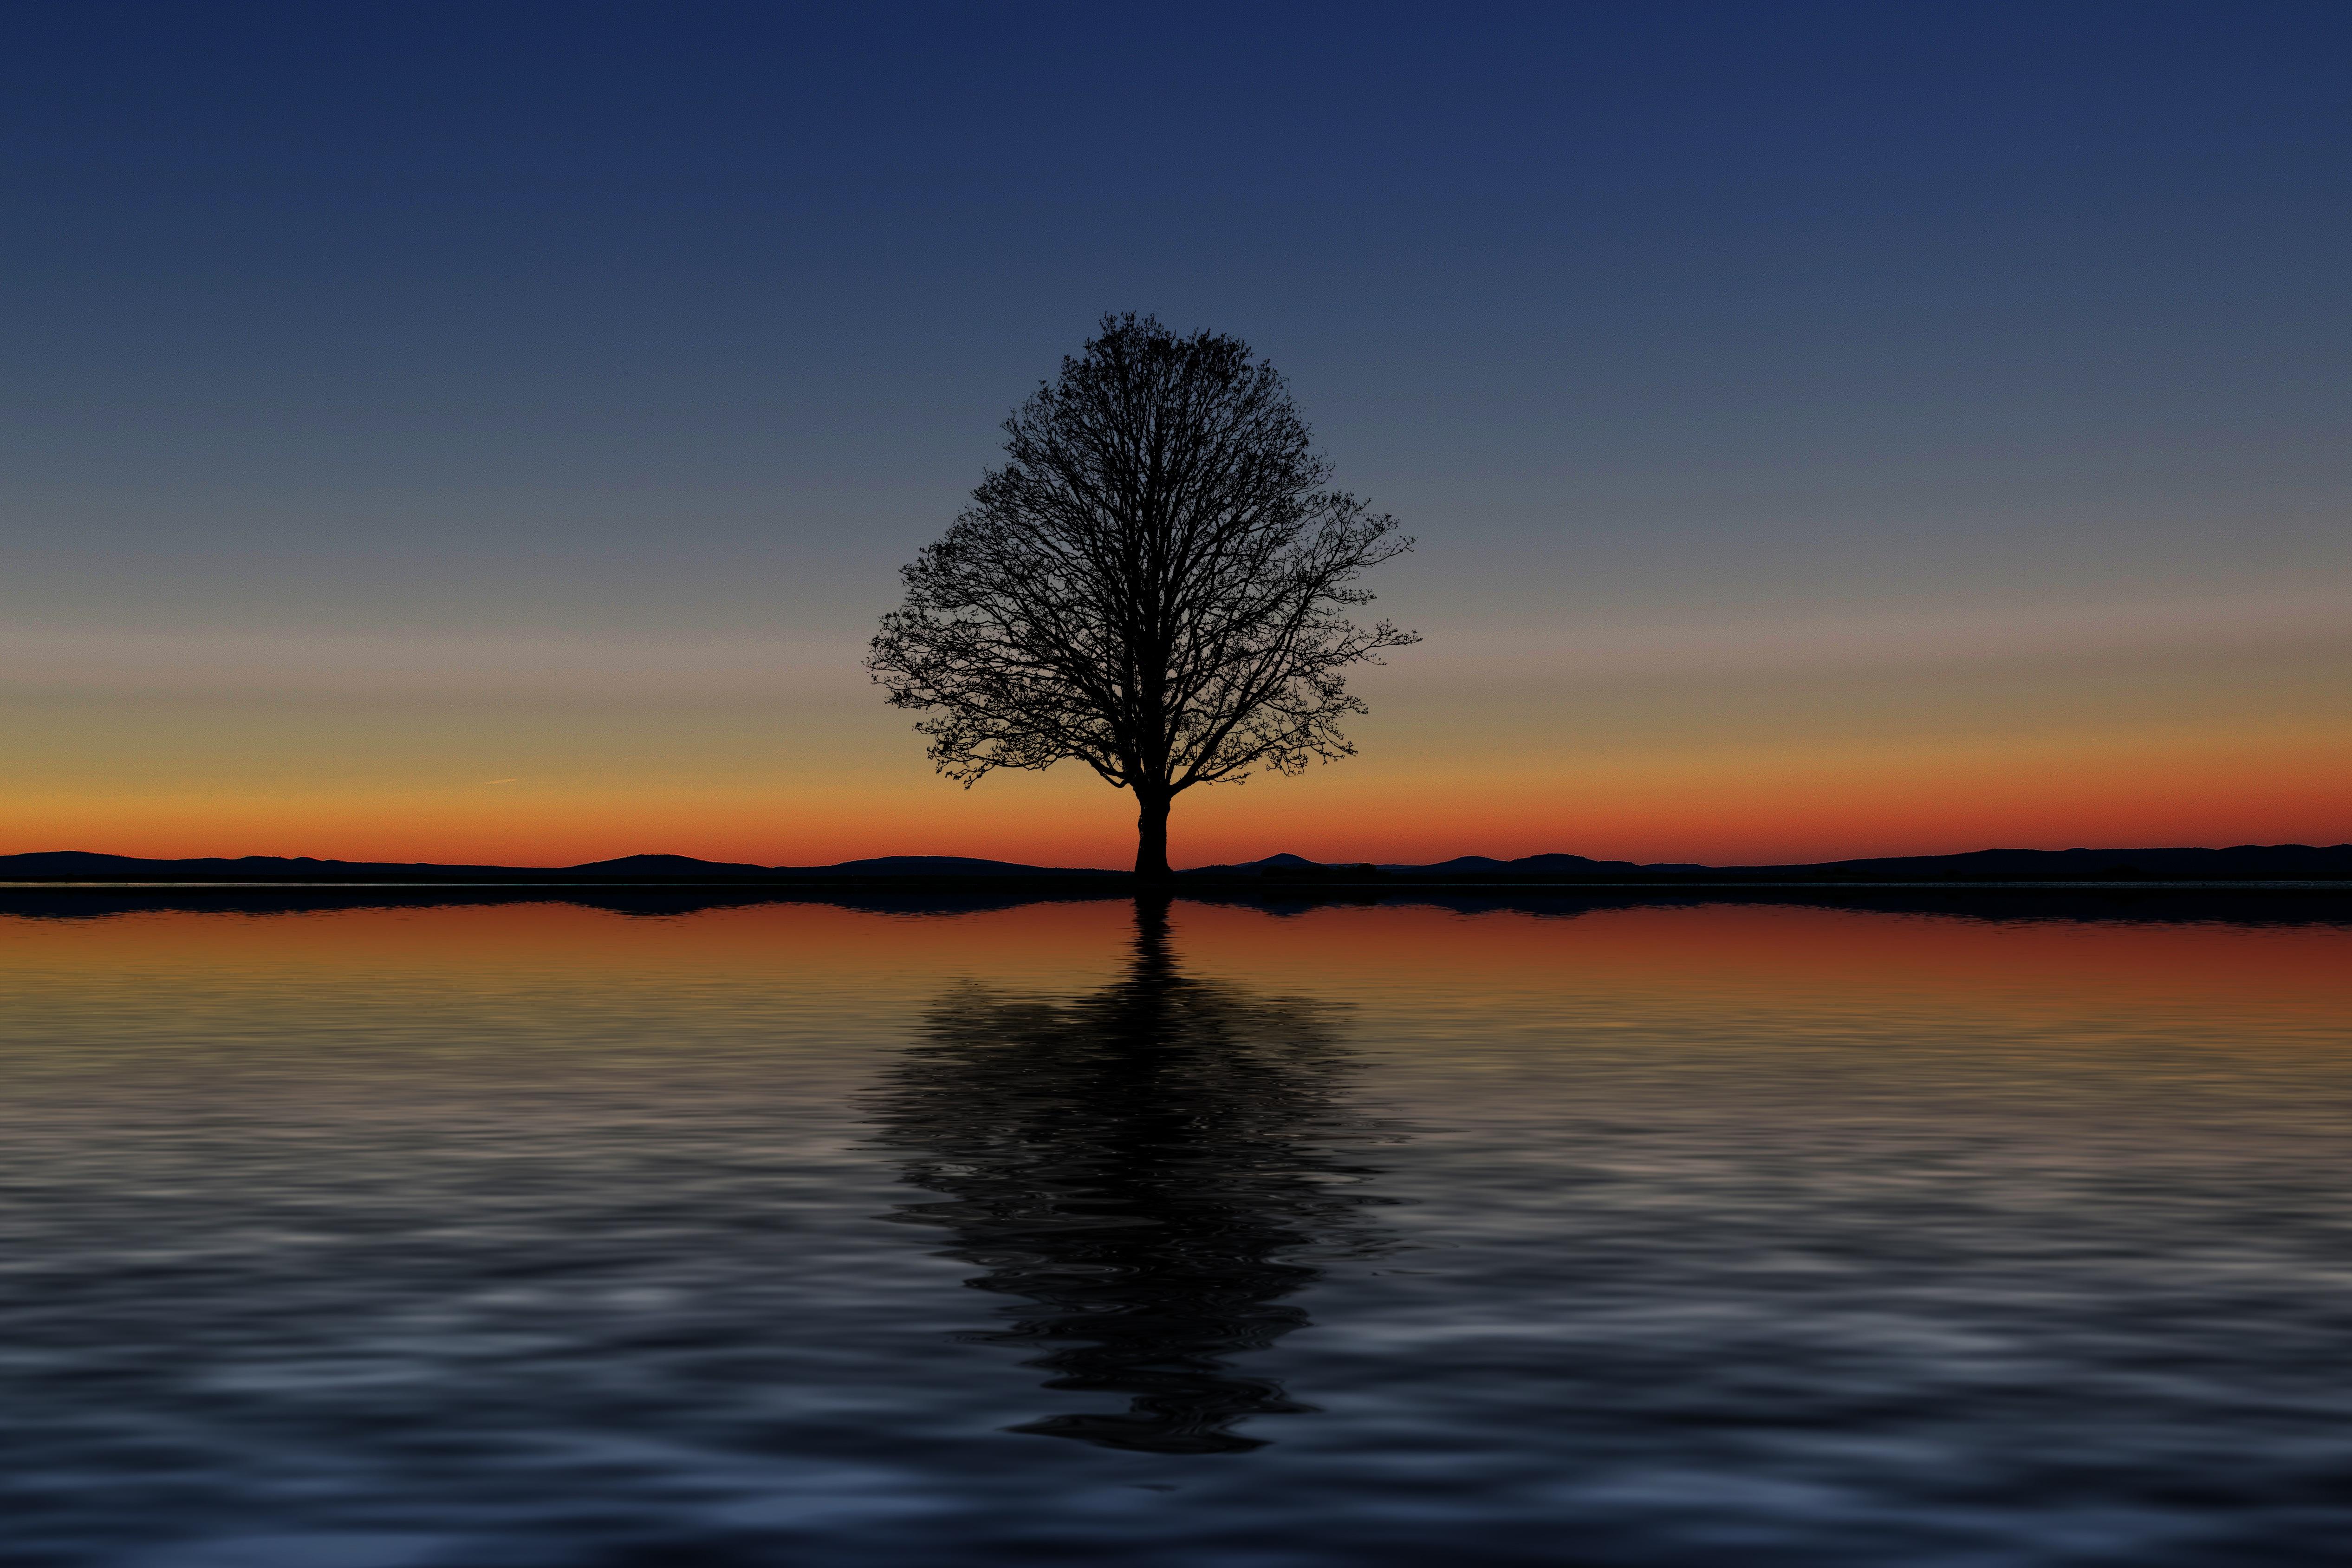 64374 Hintergrundbild 480x800 kostenlos auf deinem Handy, lade Bilder Sunset, Horizont, Reflexion, Holz, Baum, Minimalismus, Allein, Einsam 480x800 auf dein Handy herunter